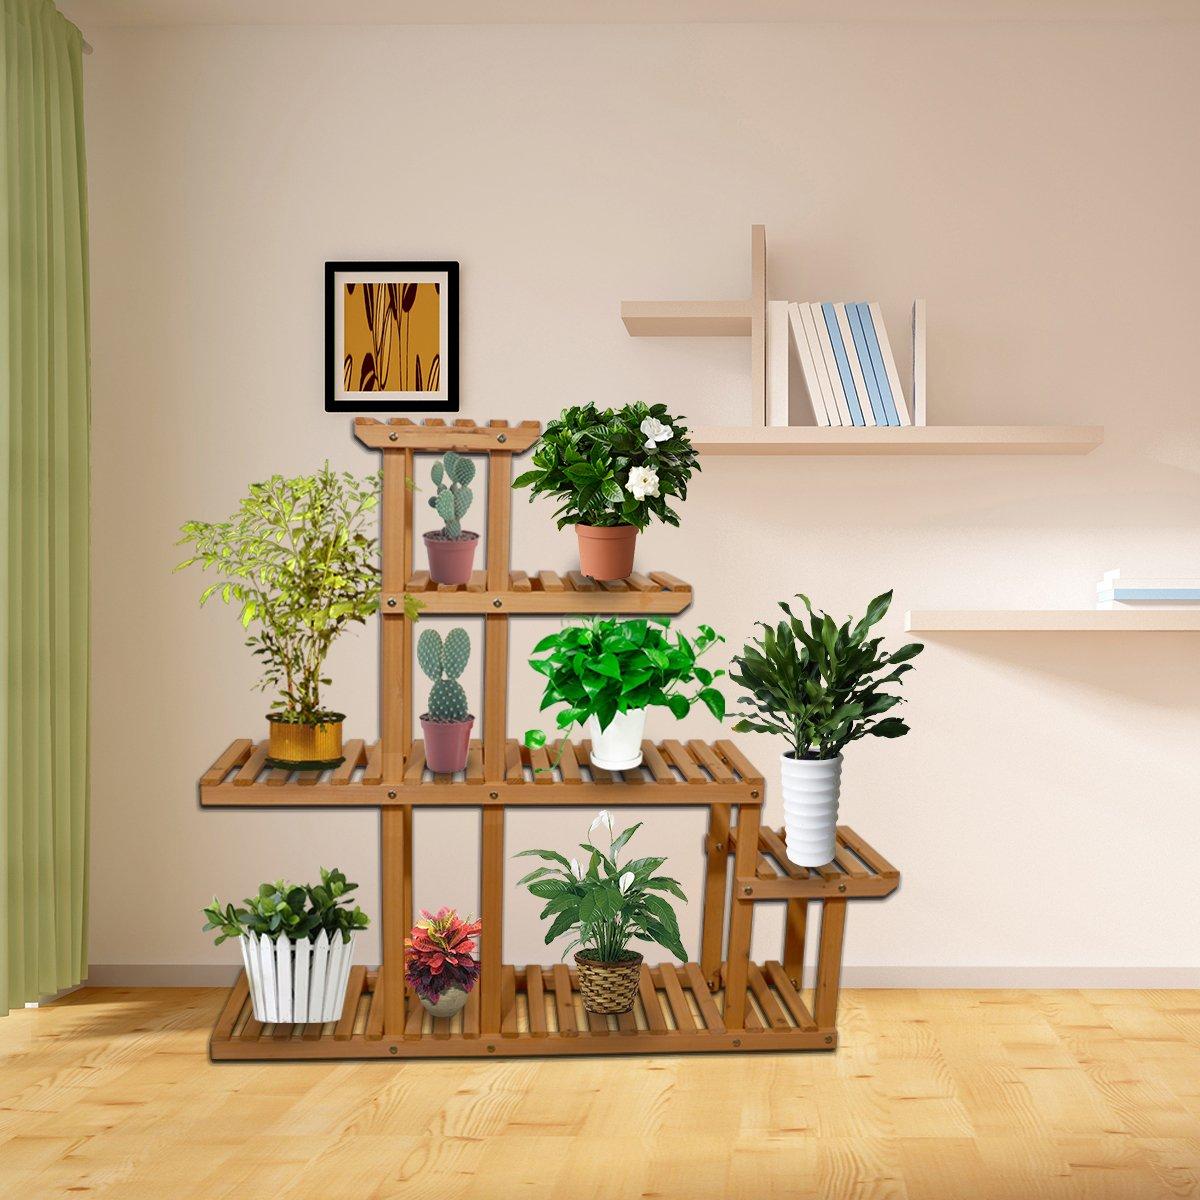 Yardeen Wooden Plant Display Flower Stand 5-Tier Storage Rack Shelving 10 Pot Holder for Garden Patio Corner Indoor&Outdoor Décor by Yardeen (Image #6)